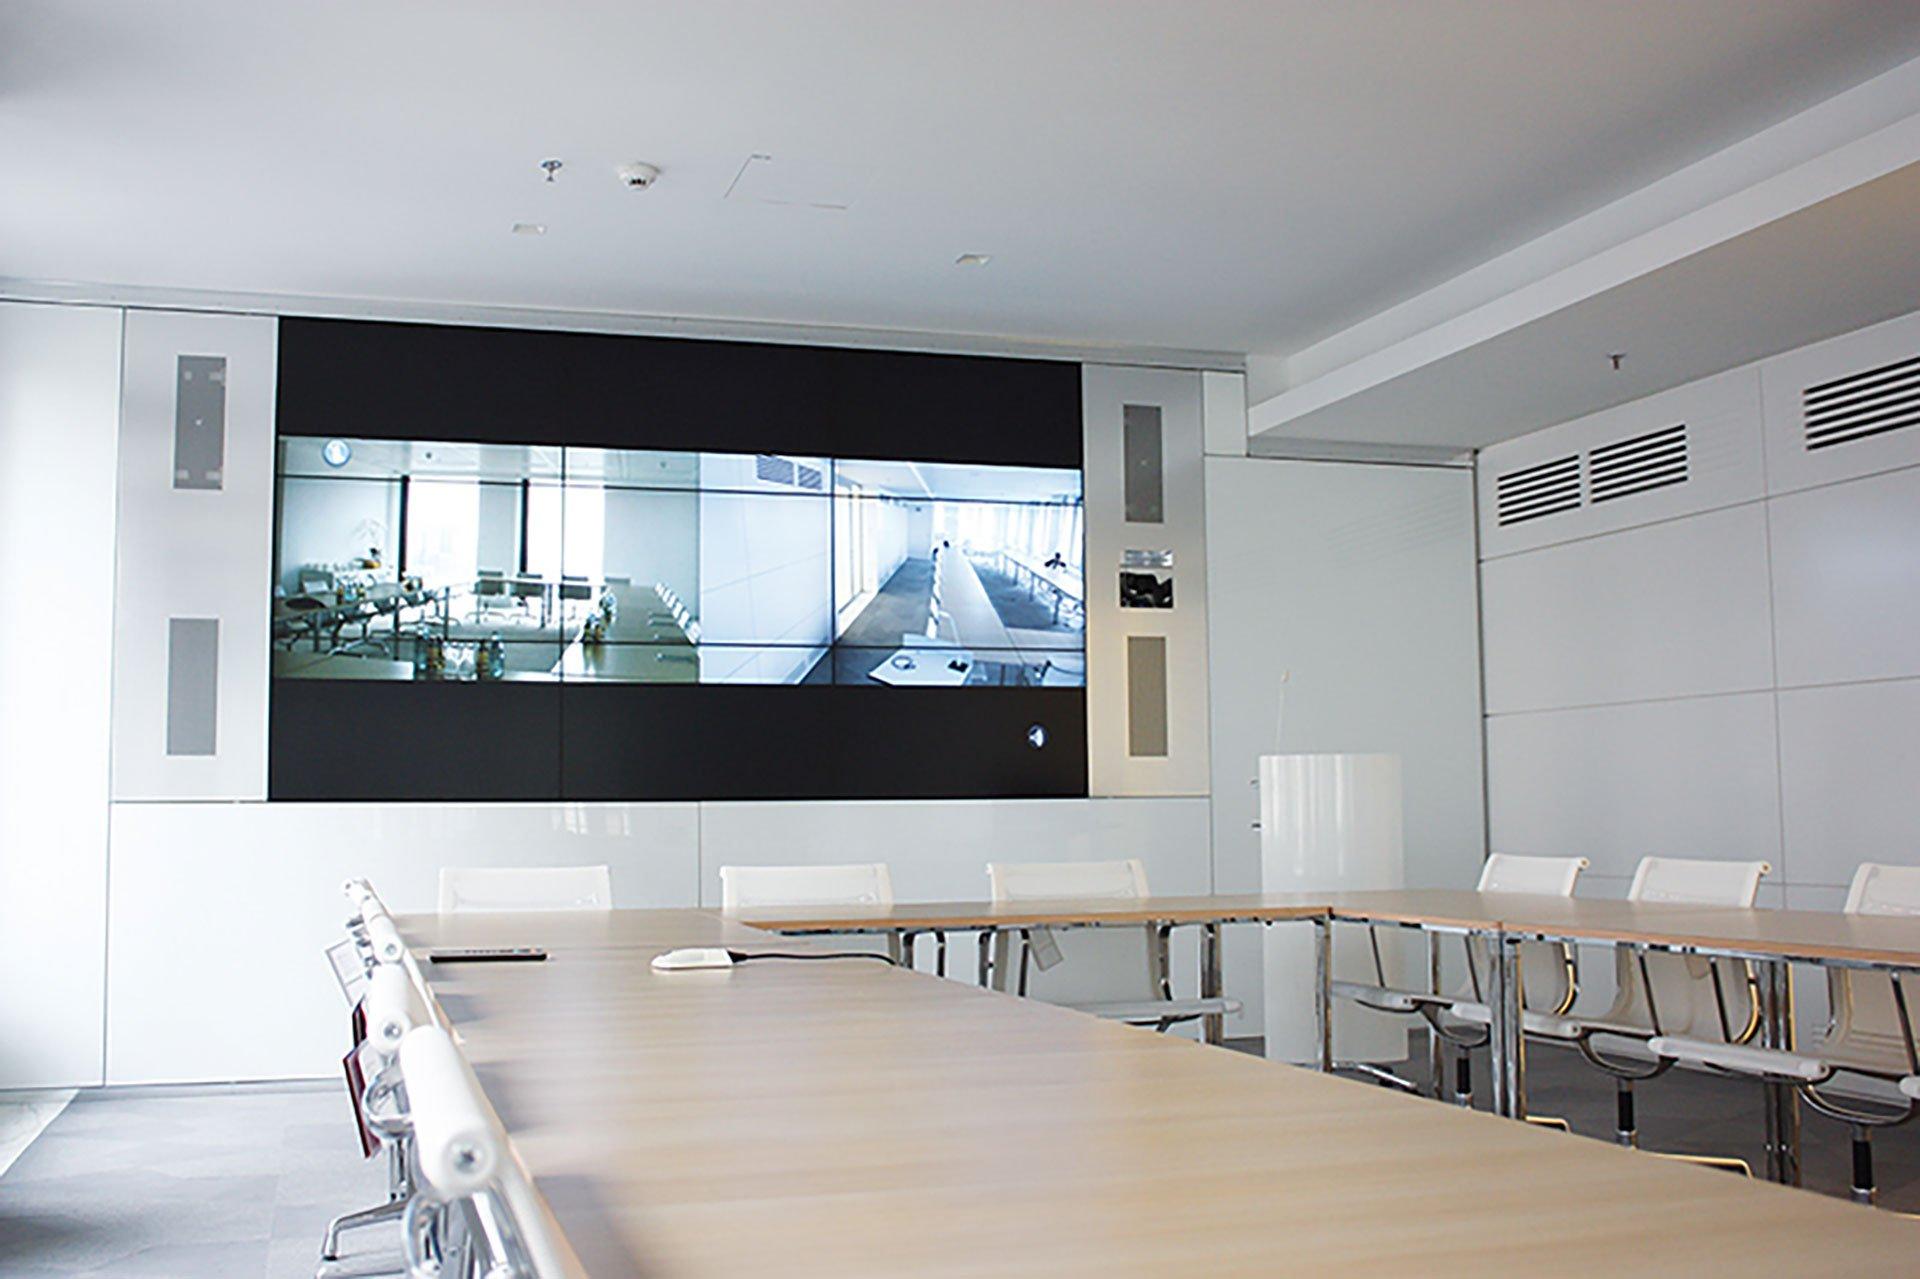 Videotechnik im Konferenzraum